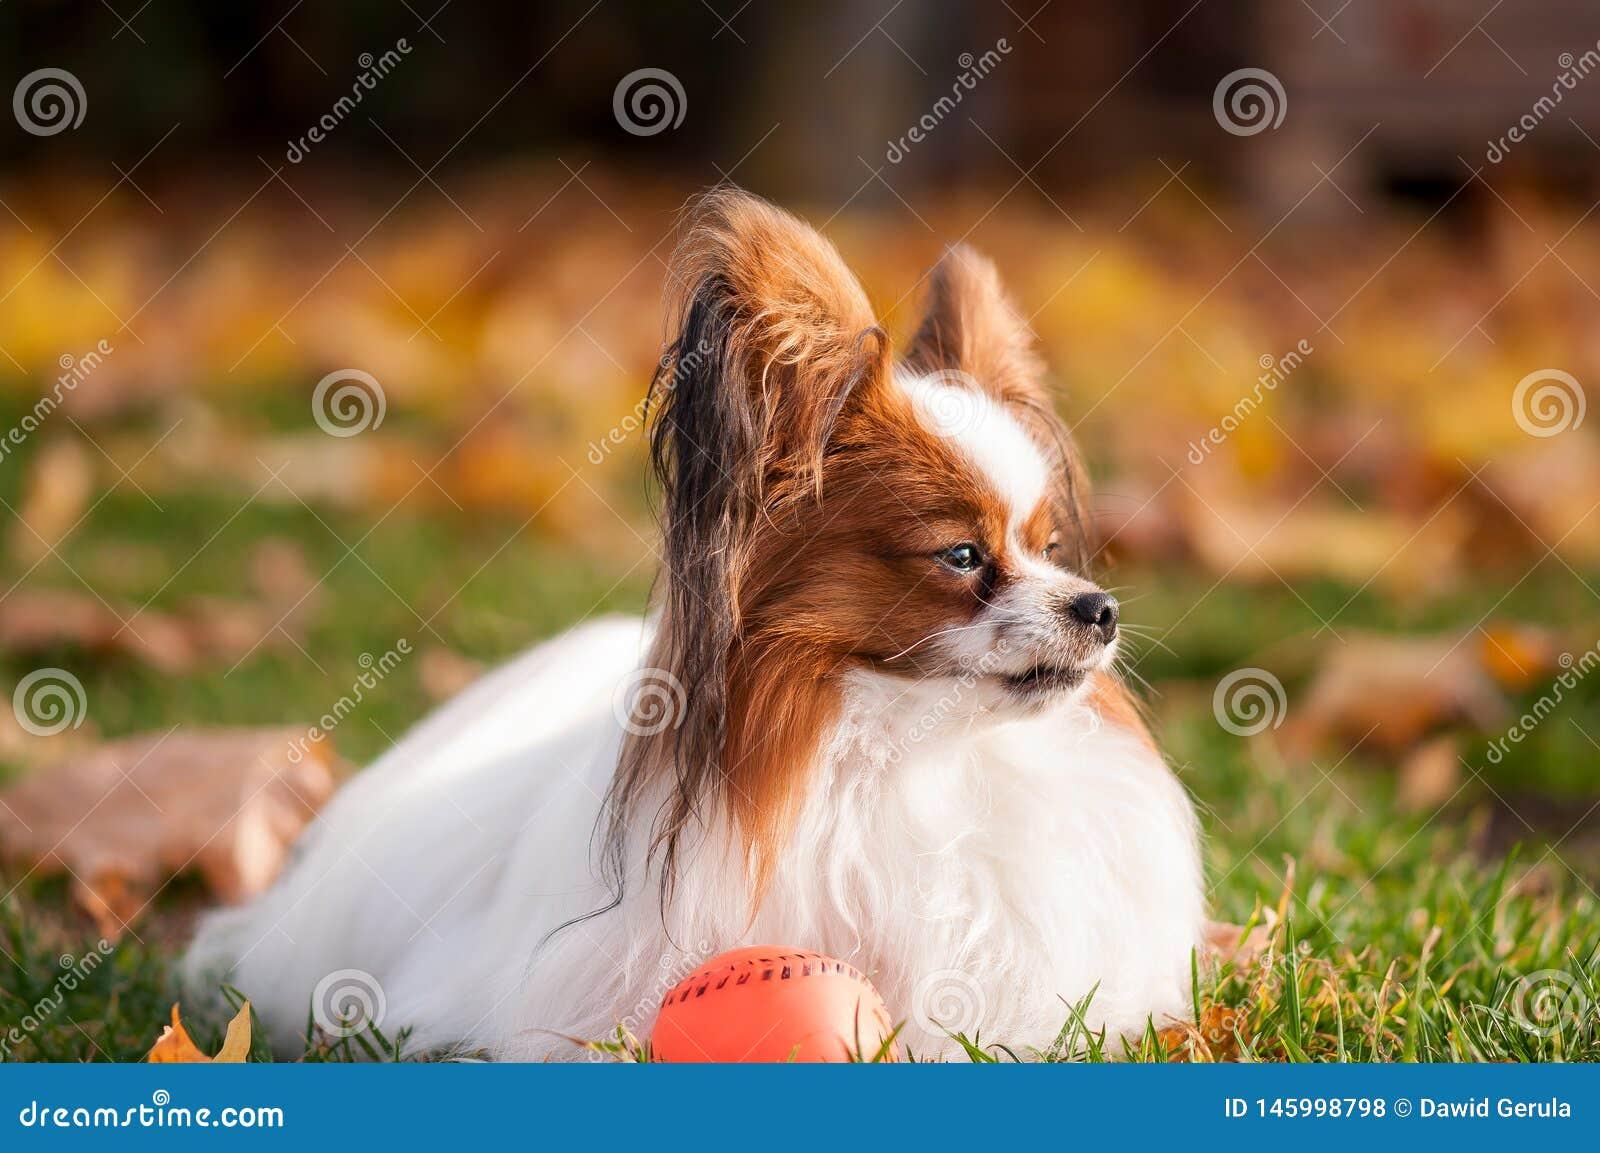 Papillon hund som spelar med bollen utomhus